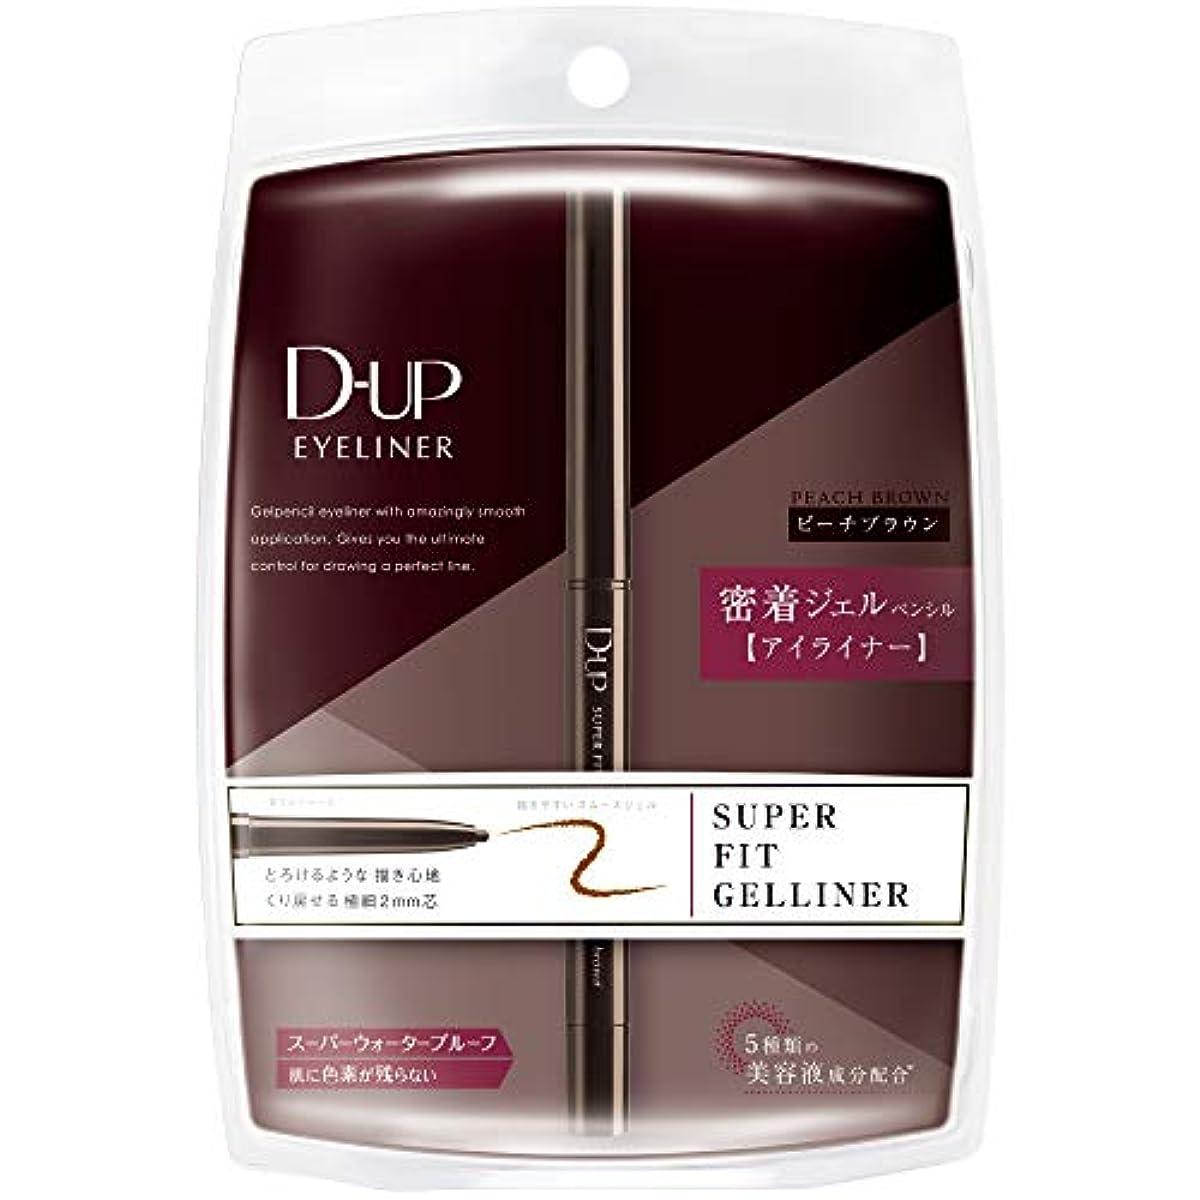 [해외] D-UP 디업 슈퍼핏 젤 아이라이너